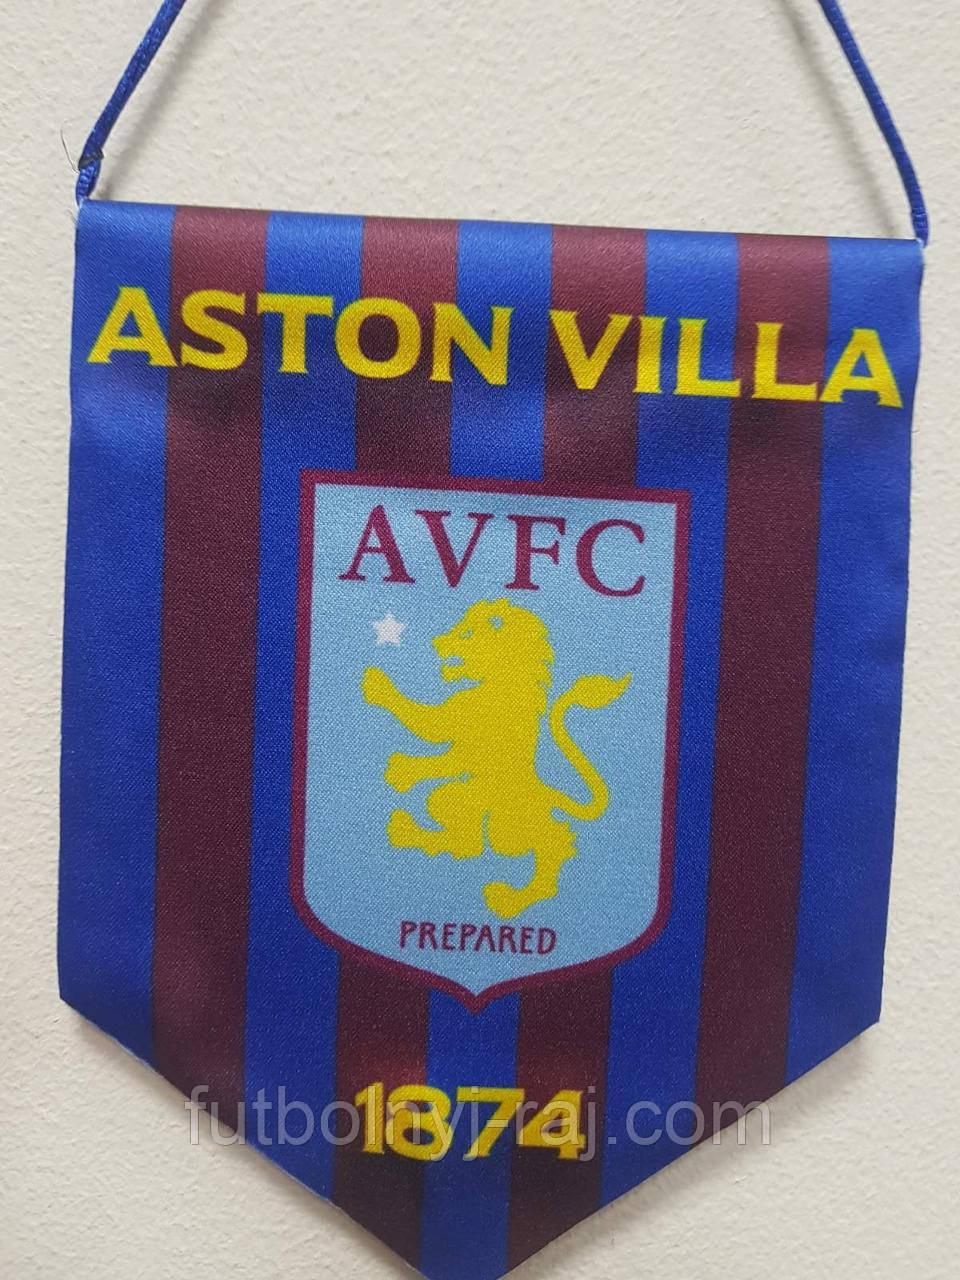 Вимпел футбольний із зображенням герба FC Aston Villa.